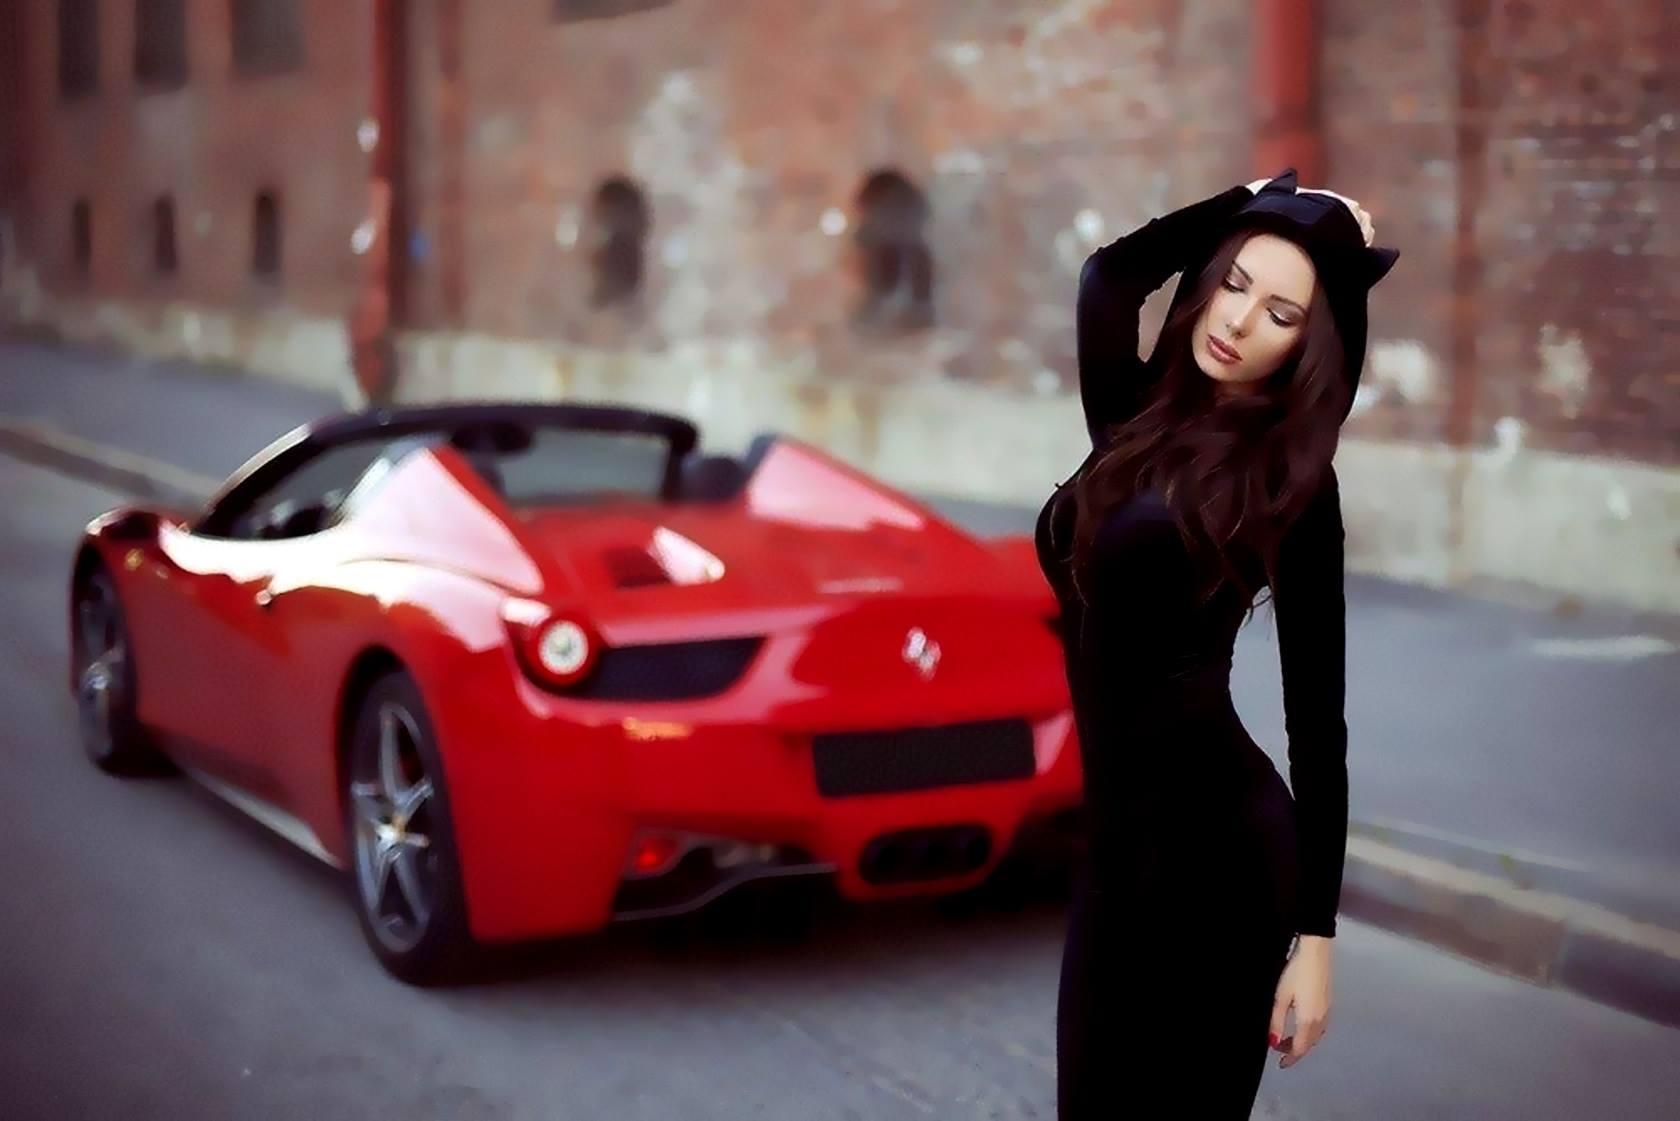 Top Tire Company >> Julia Adasheva Is a Russian Brunette with a Ferrari 458 Spider - autoevolution